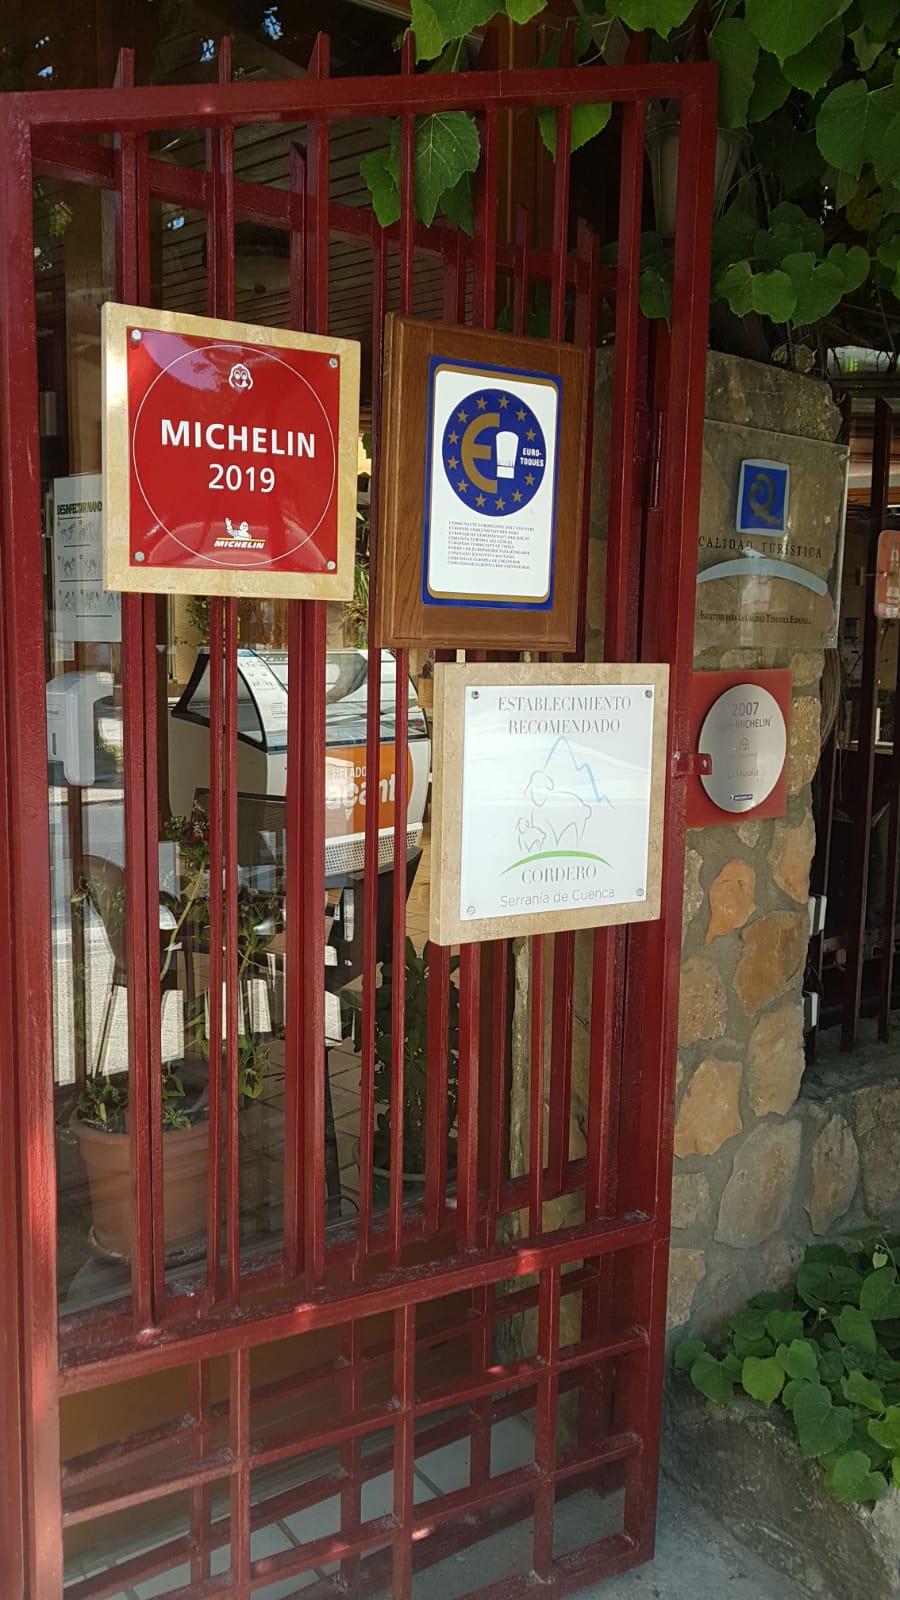 La Muralla, establecimiento recomendado Cordero Serranía de Cuenca